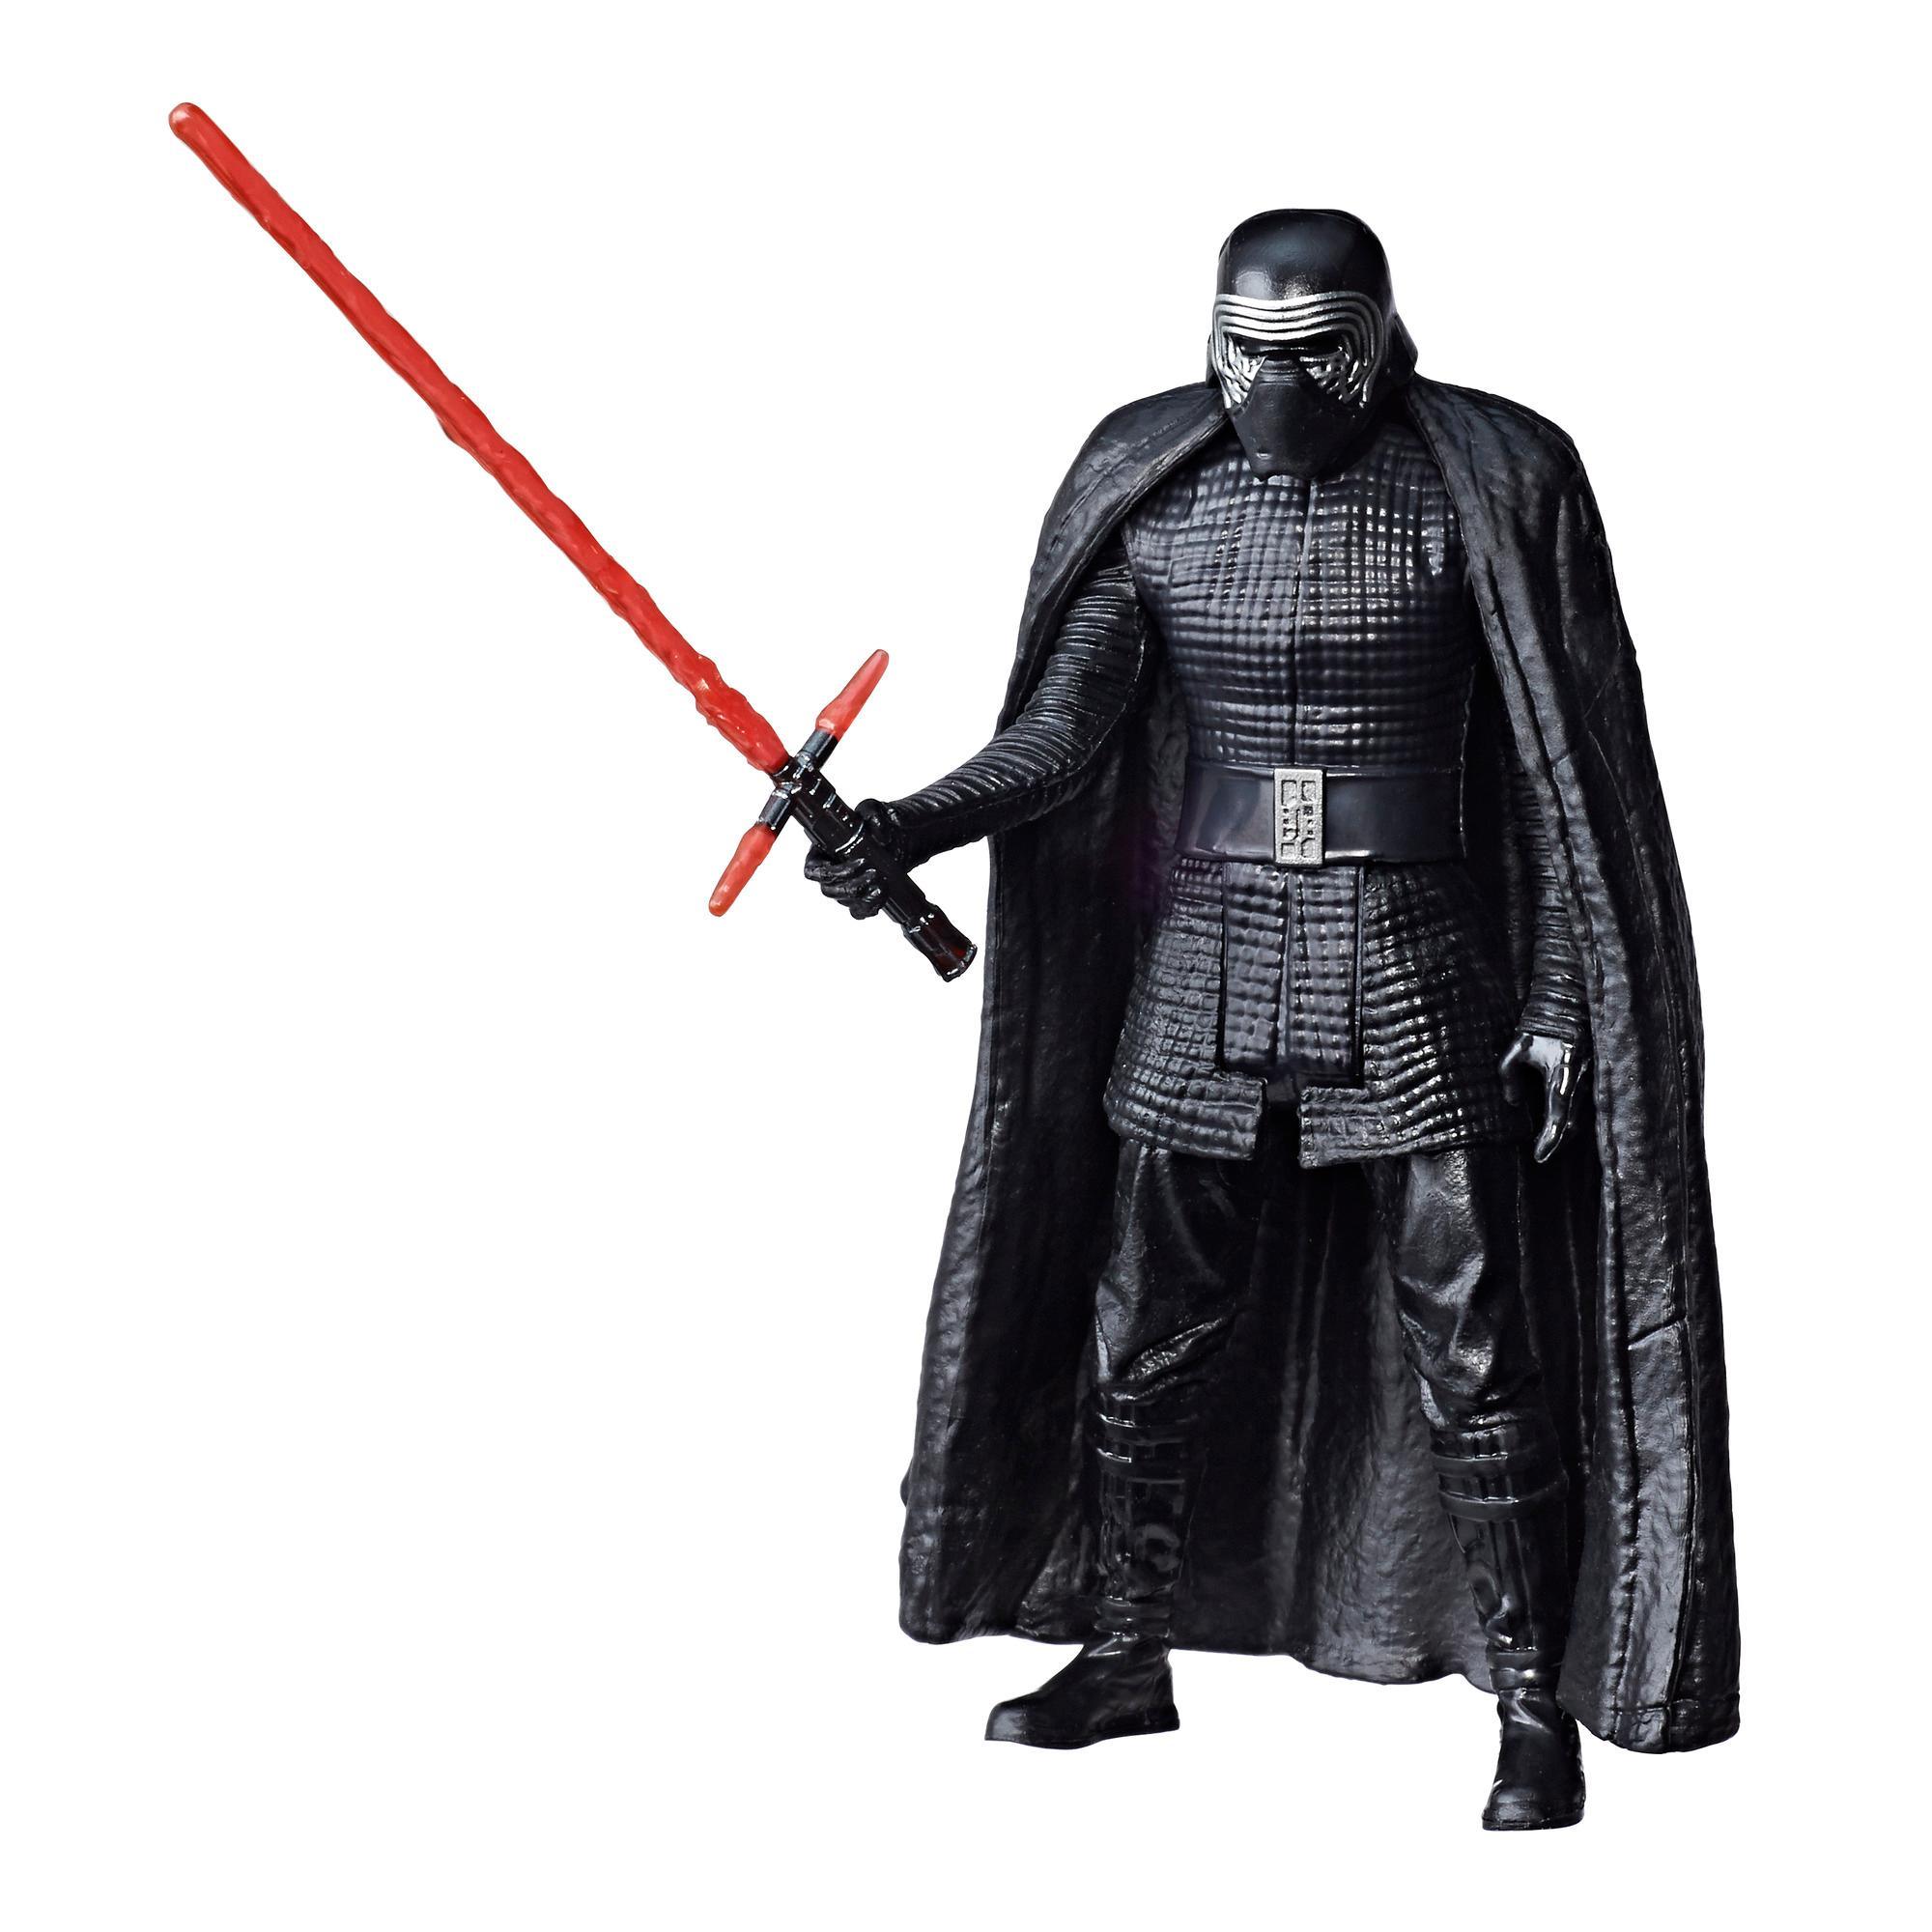 Star Wars Force Link 2.0 Kylo Ren Figure